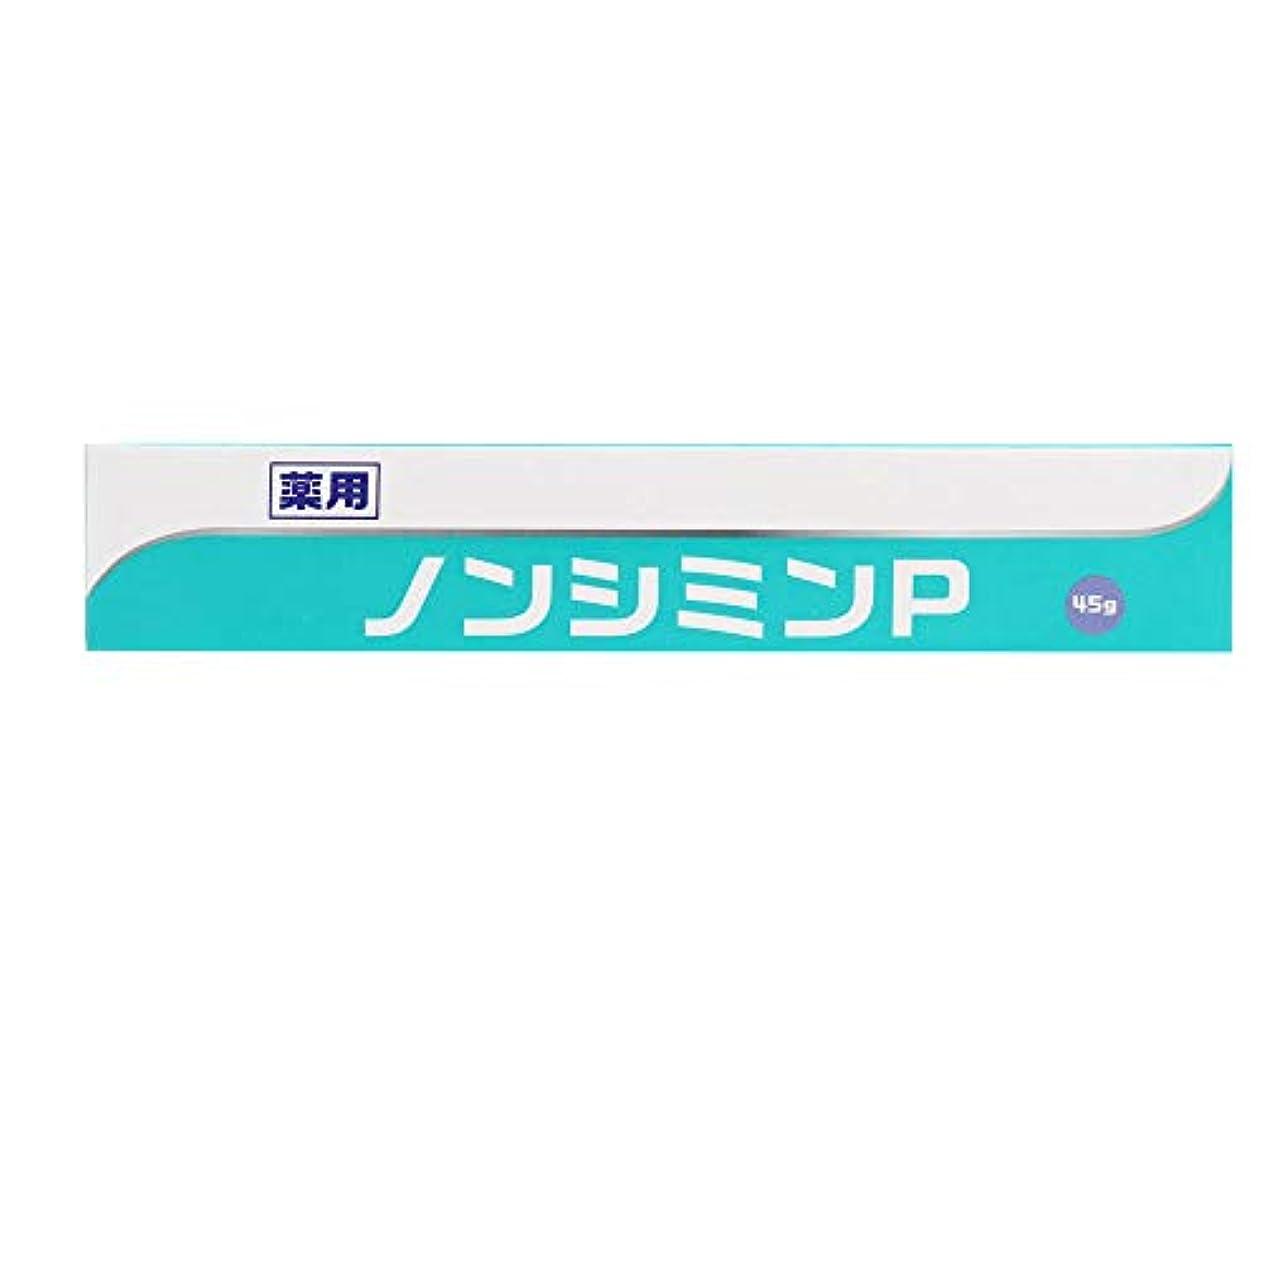 迷惑クーポン安全でない薬用ノンシミンP 45g ジェルタイプ 医薬部外品